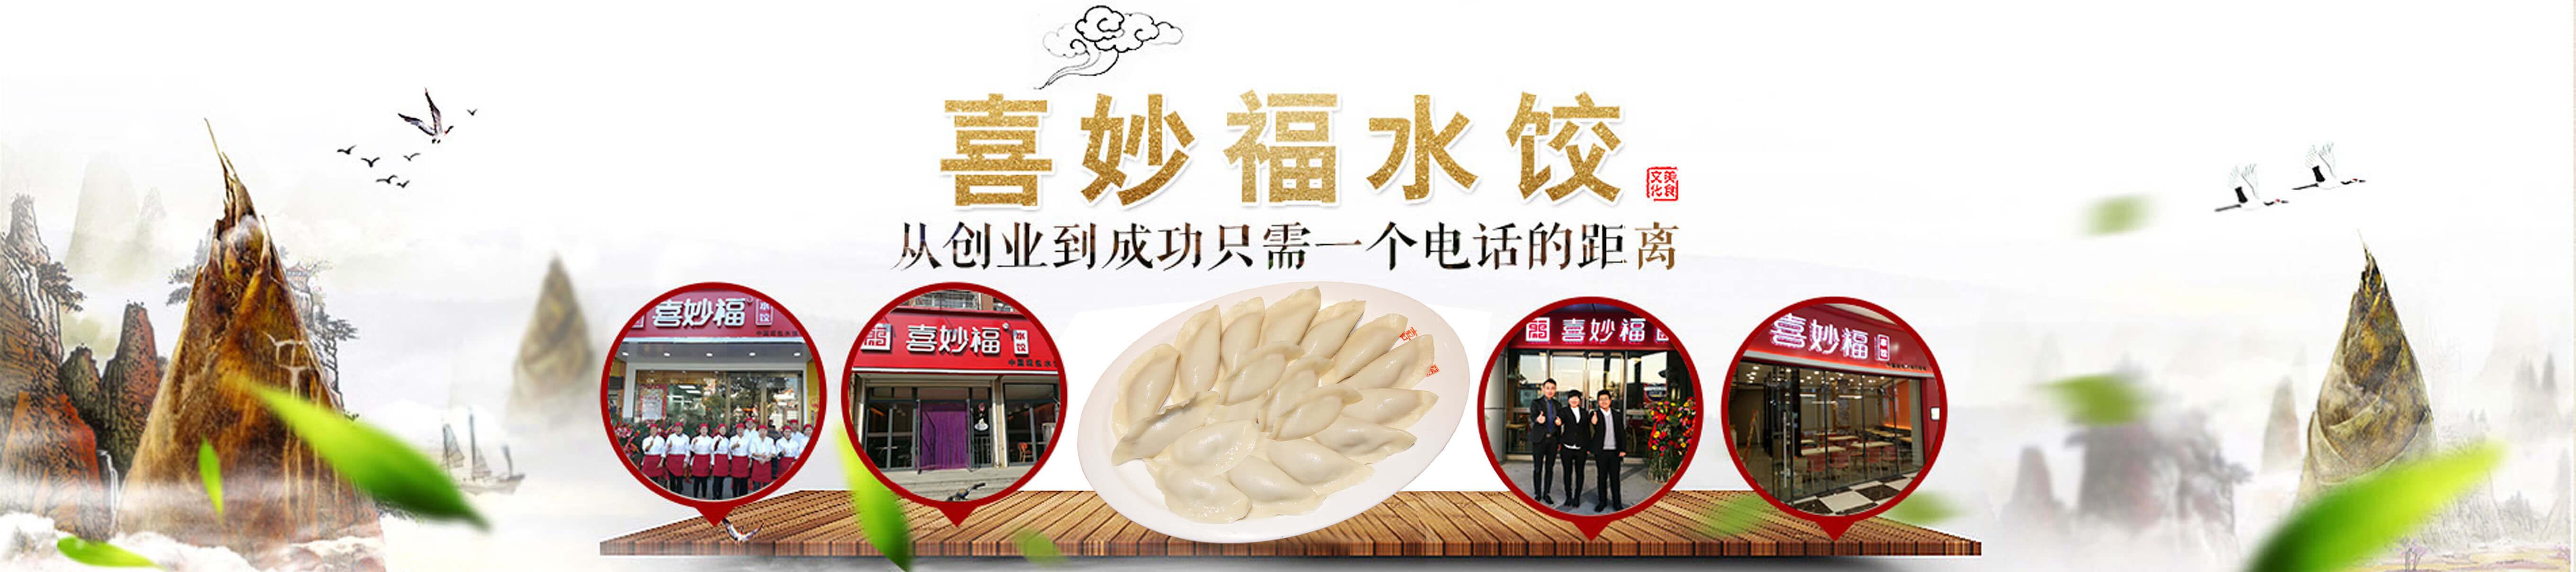 喜秒福水饺加盟